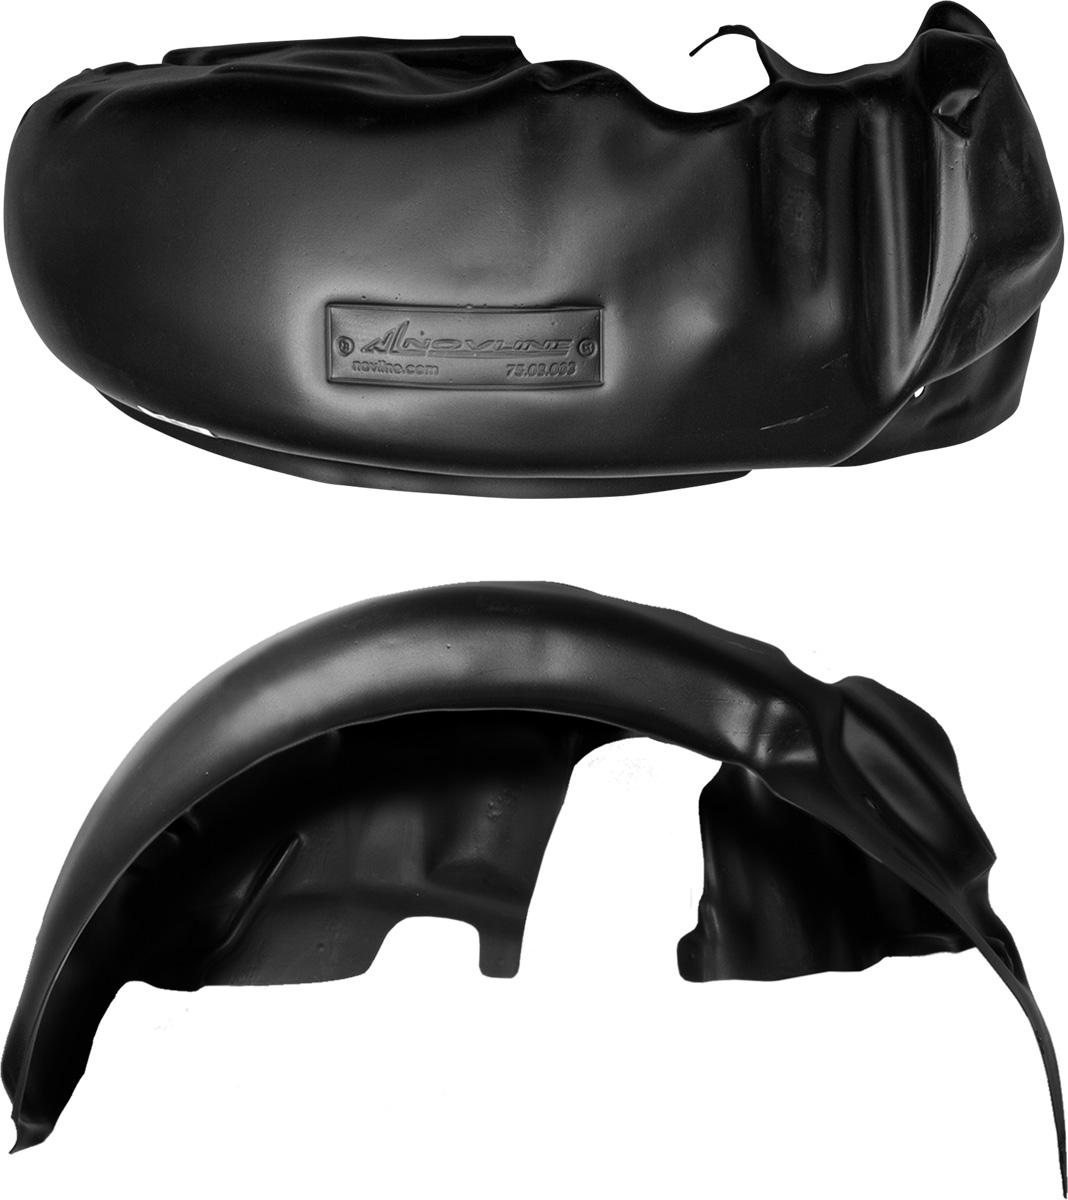 Подкрылок Novline-Autofamily, для Chevrolet Aveo, 2012 ->, седан (задний левый)NLL.08.15.003Подкрылок выполнен из высококачественного, экологически чистого пластика. Обеспечивает надежную защиту кузова автомобиля от пескоструйного эффекта и негативного влияния, агрессивных антигололедных реагентов. Пластик обладает более низкой теплопроводностью, чем металл, поэтому в зимний период эксплуатации использование пластиковых подкрылков позволяет лучше защитить колесные ниши от налипания снега и образования наледи. Оригинальность конструкции подчеркивает элегантность автомобиля, бережно защищает нанесенное на днище кузова антикоррозийное покрытие и позволяет осуществить крепление подкрылка внутри колесной арки практически без дополнительного крепежа и сверления, не нарушая при этом лакокрасочного покрытия, что предотвращает возникновение новых очагов коррозии. Технология крепления подкрылка на иномарки принципиально отличается от крепления на российские автомобили и разрабатывается индивидуально для каждой модели автомобиля. Подкрылок долговечен, обладает высокой прочностью и сохраняет заданную форму, а также все свои физико-механические характеристики в самых тяжелых климатических условиях ( от -50° С до + 50° С).